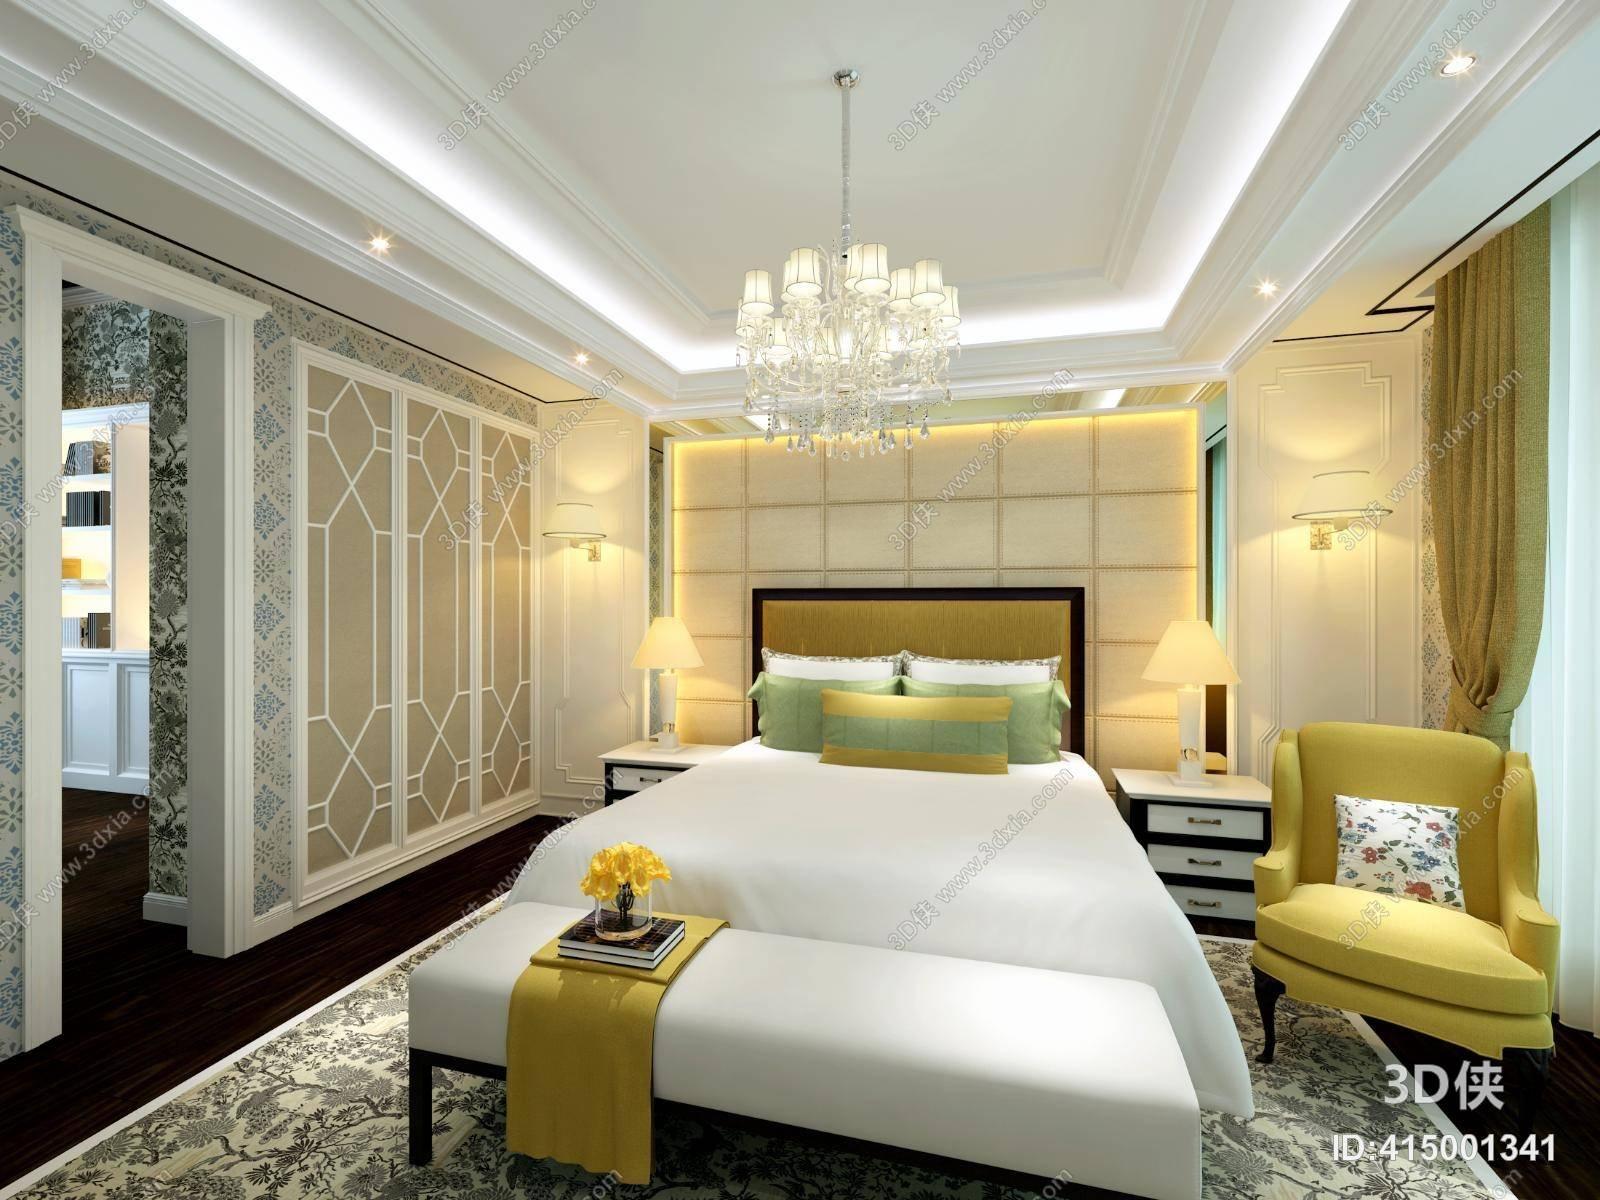 欧式简约家居主卧室 欧式简约白色吊灯 欧式简约黄色单人沙发 欧式